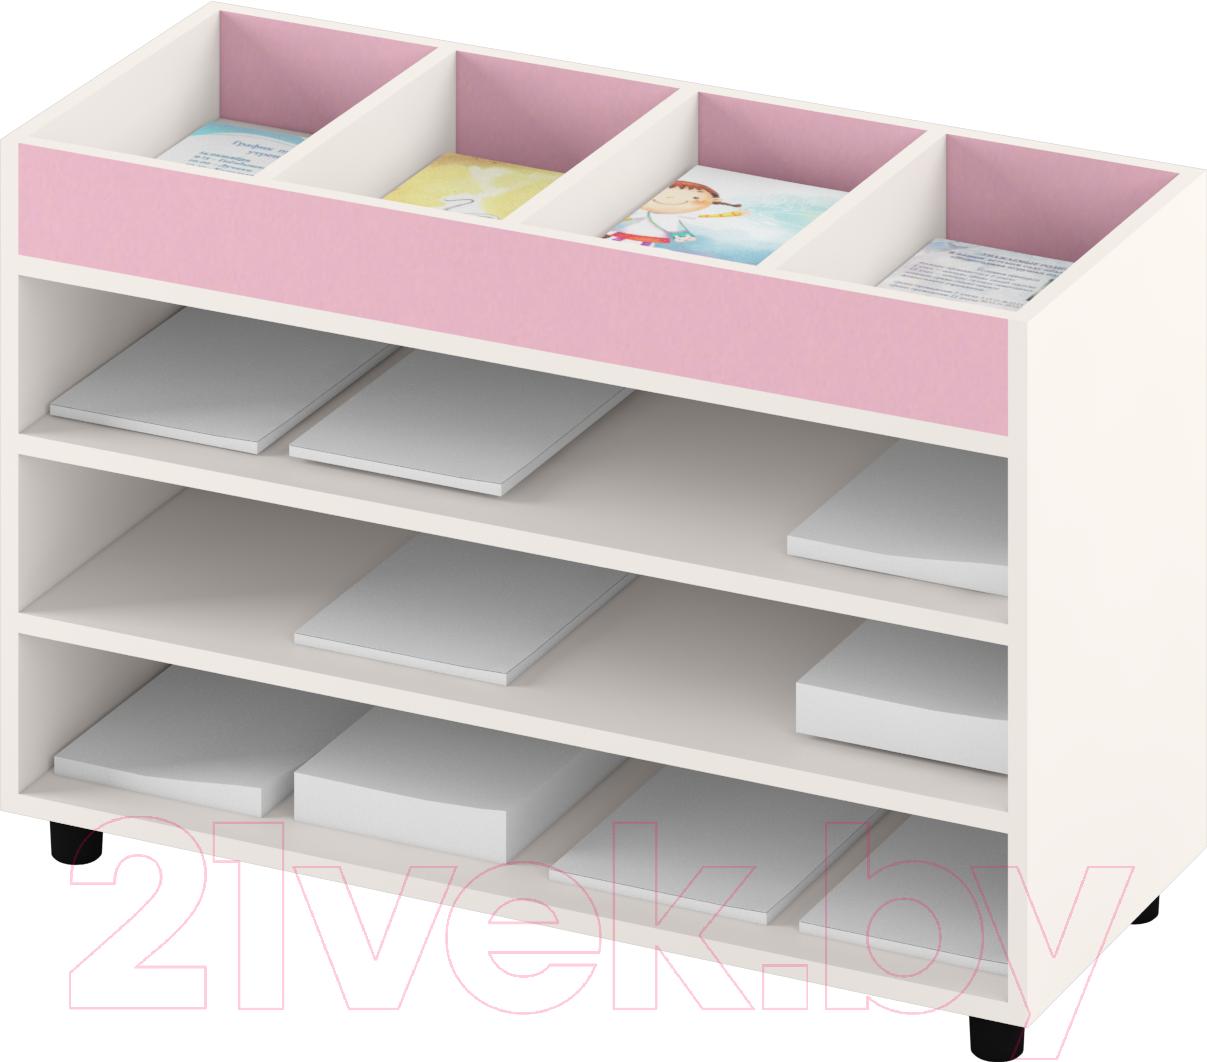 Купить Система хранения Славянская столица, ДУ-СМ5 (белый/розовый), Беларусь